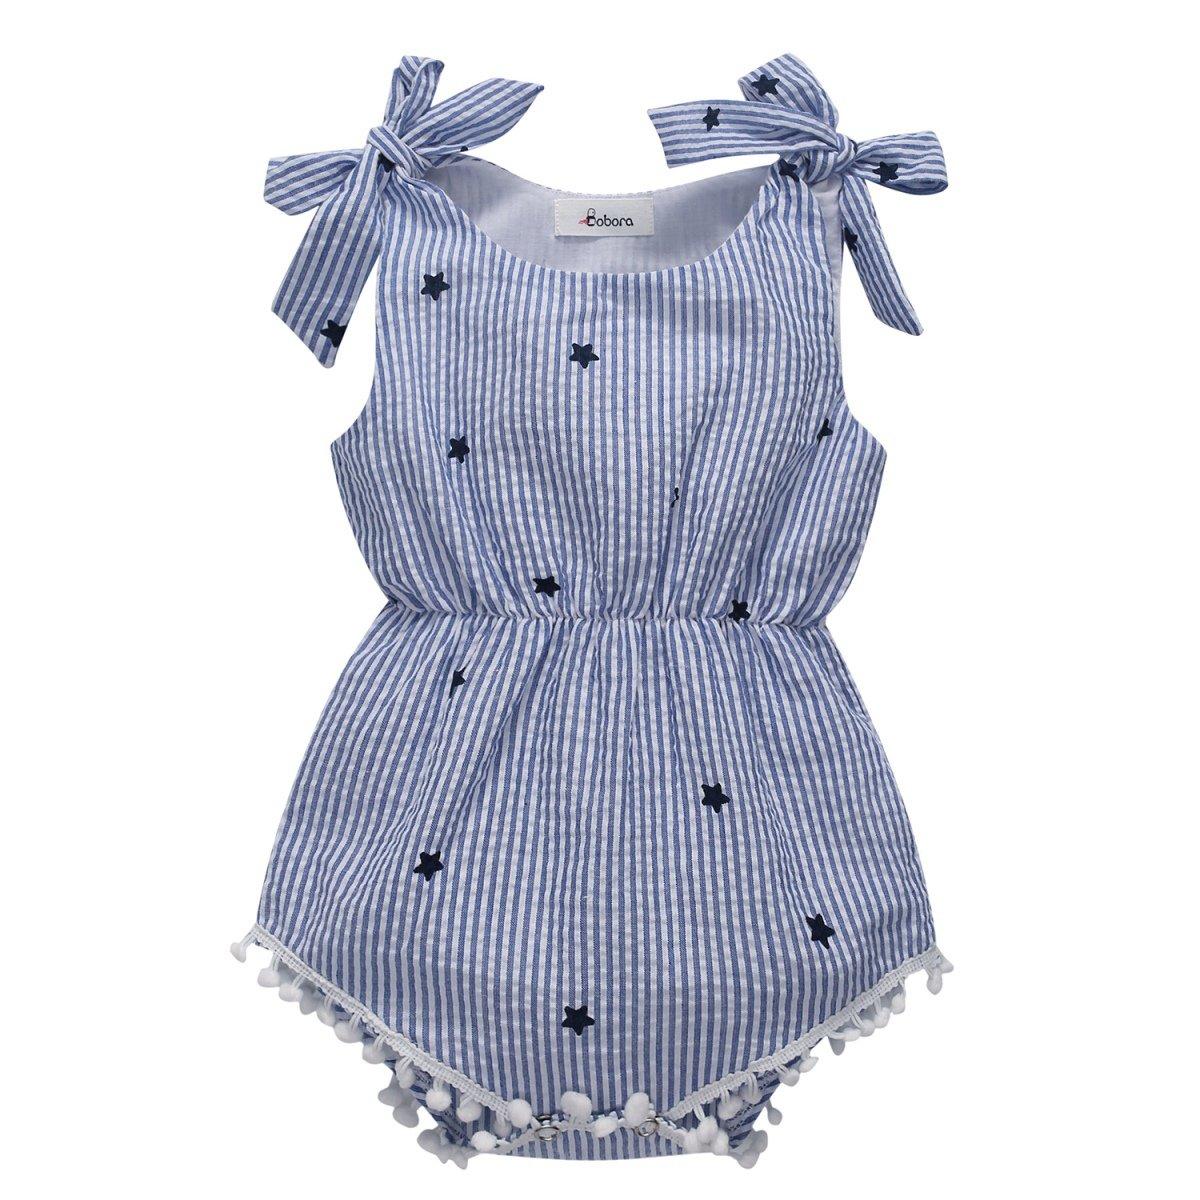 MiyaSudy Neonata Bambina Vestiti Del Partito Del Pagliaccetto Di Estate Delle Cinghie Della Principessa Bowknot Abiti